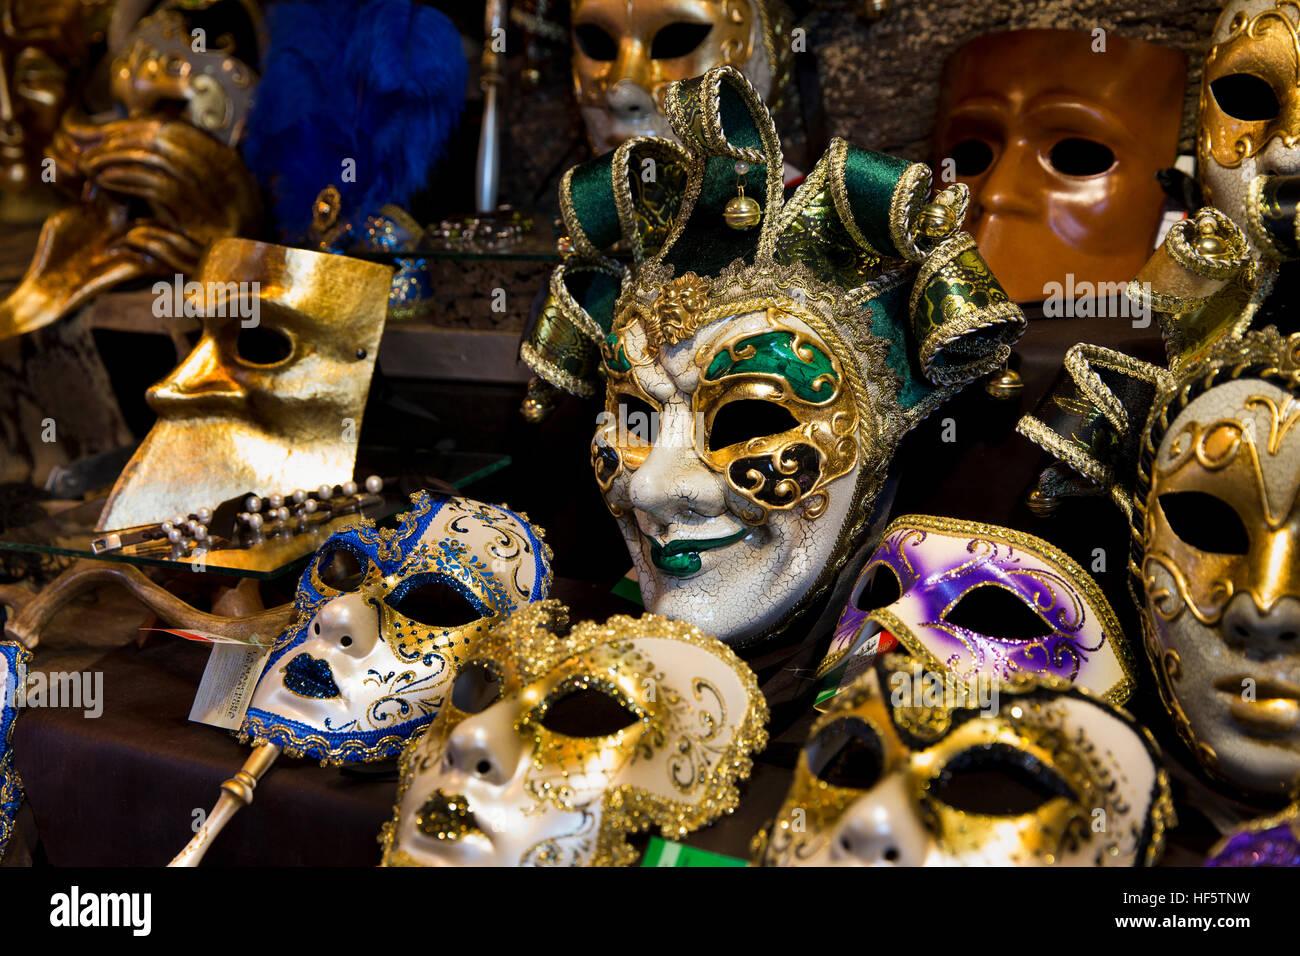 Denmark, Copenhagen, Højbro Plads, Christmas Market, Venitian Carnival masks for sale on Italian produce stall - Stock Image